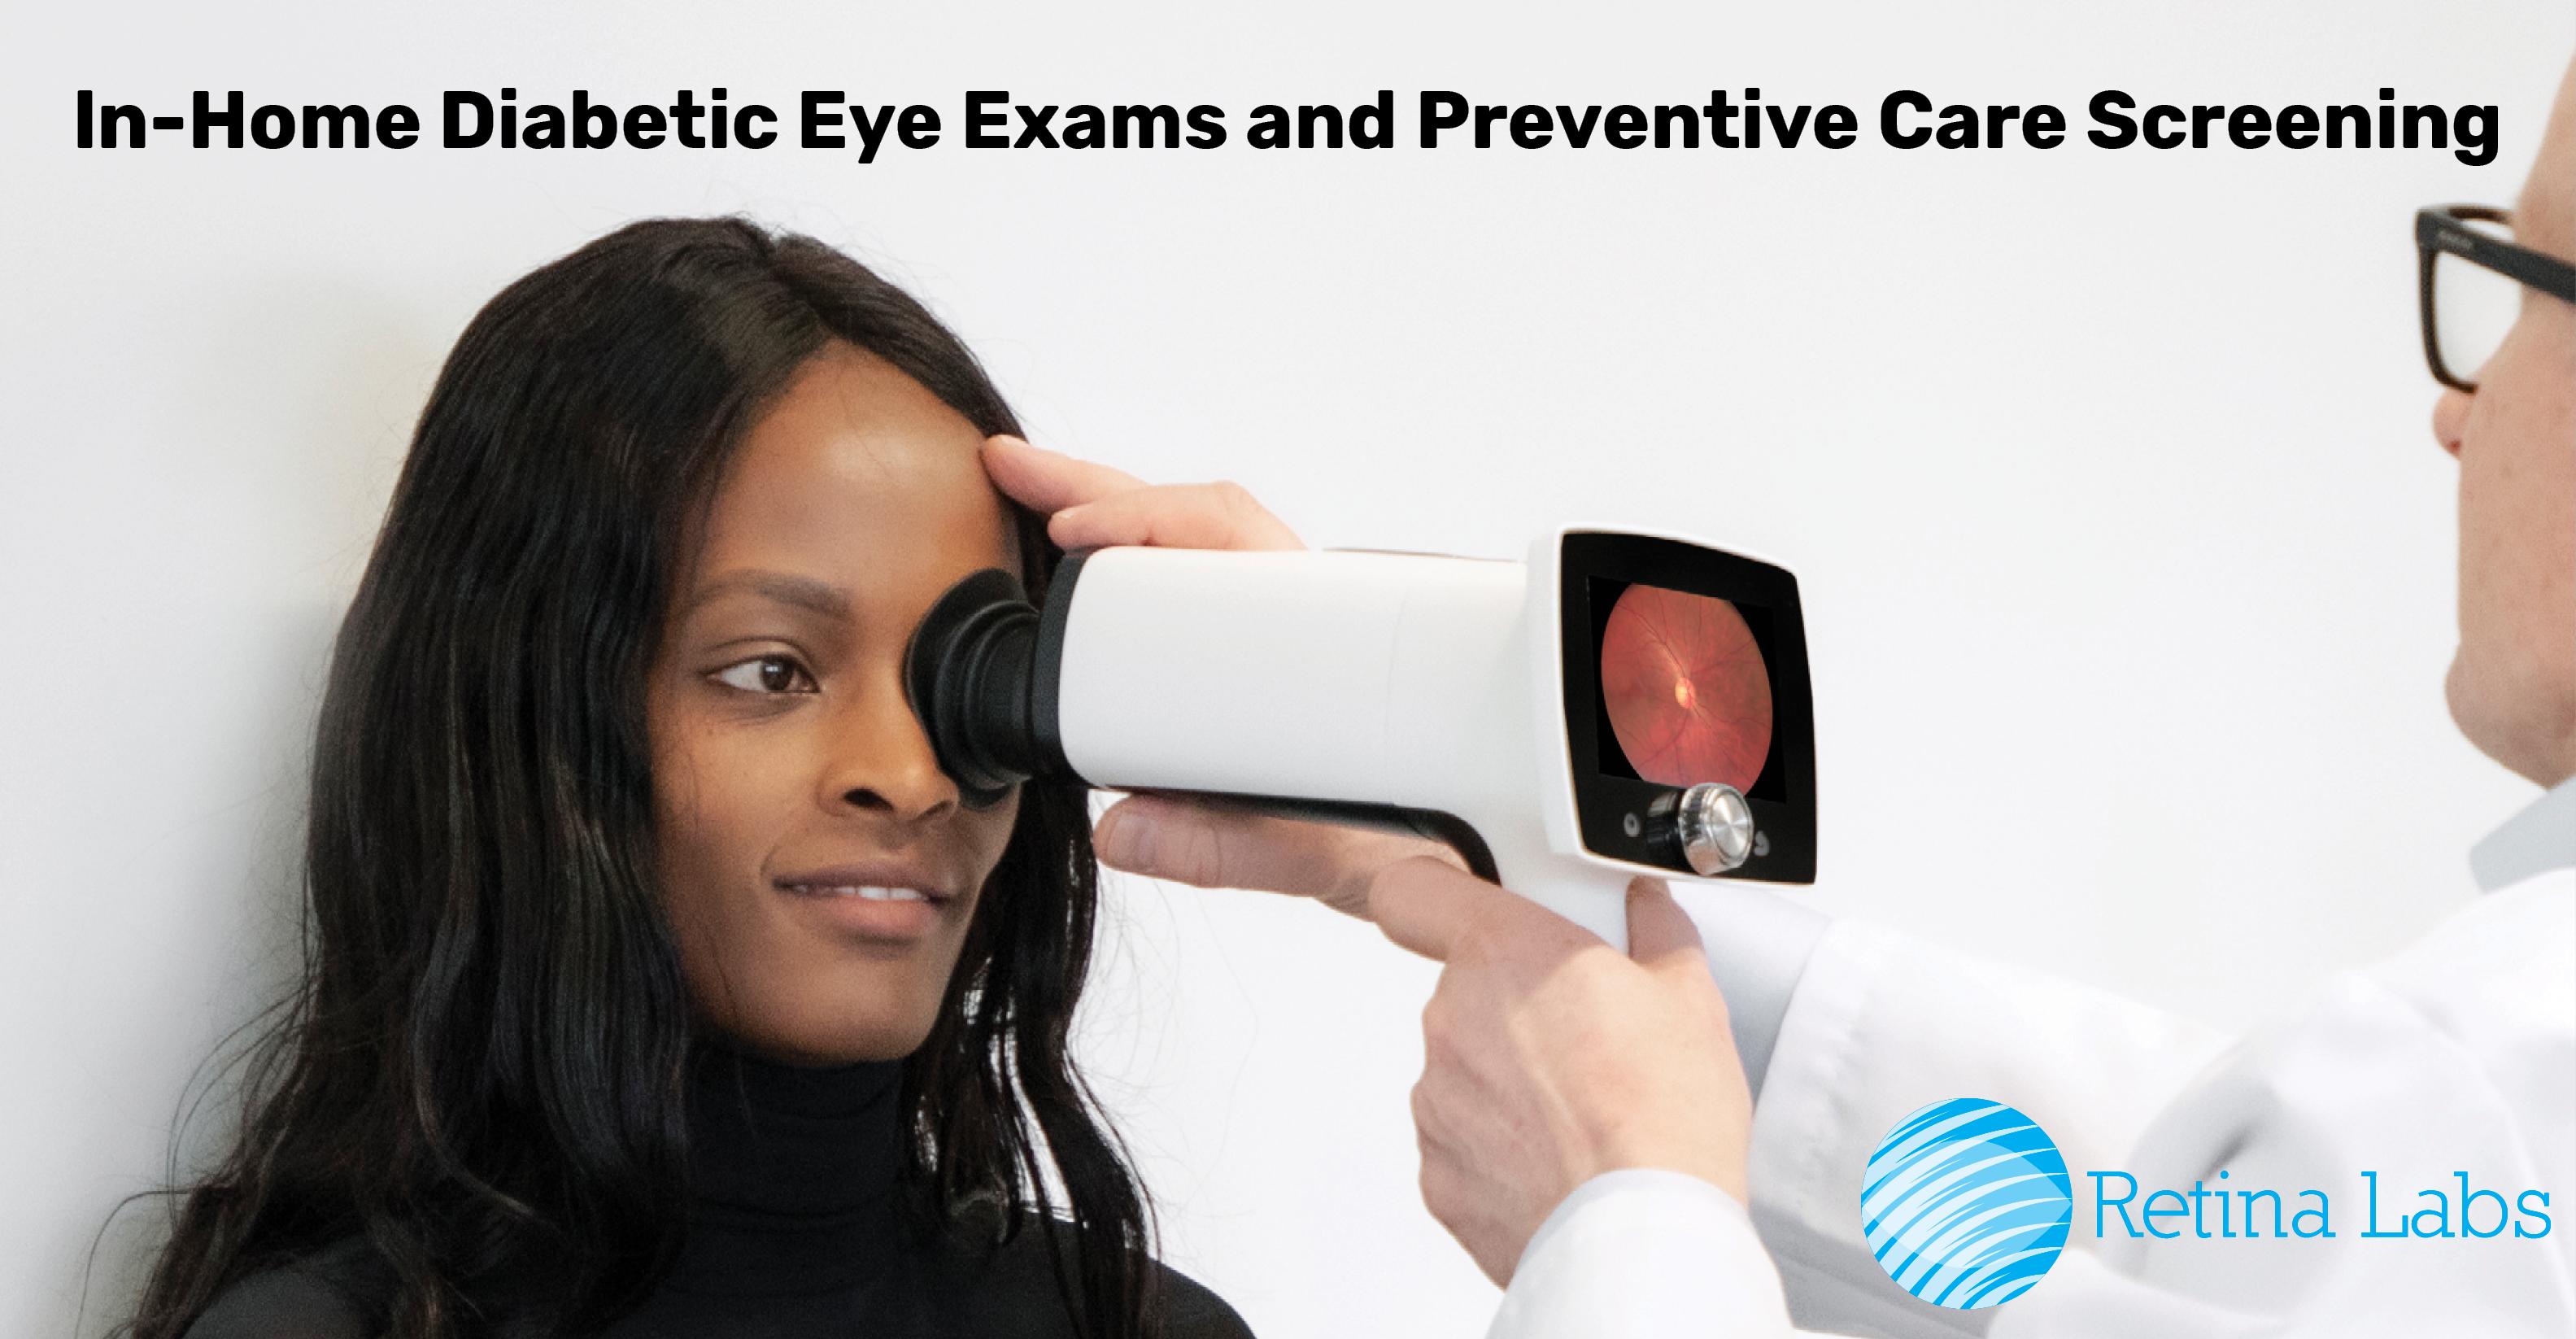 In-home Diabetic Eye Exams